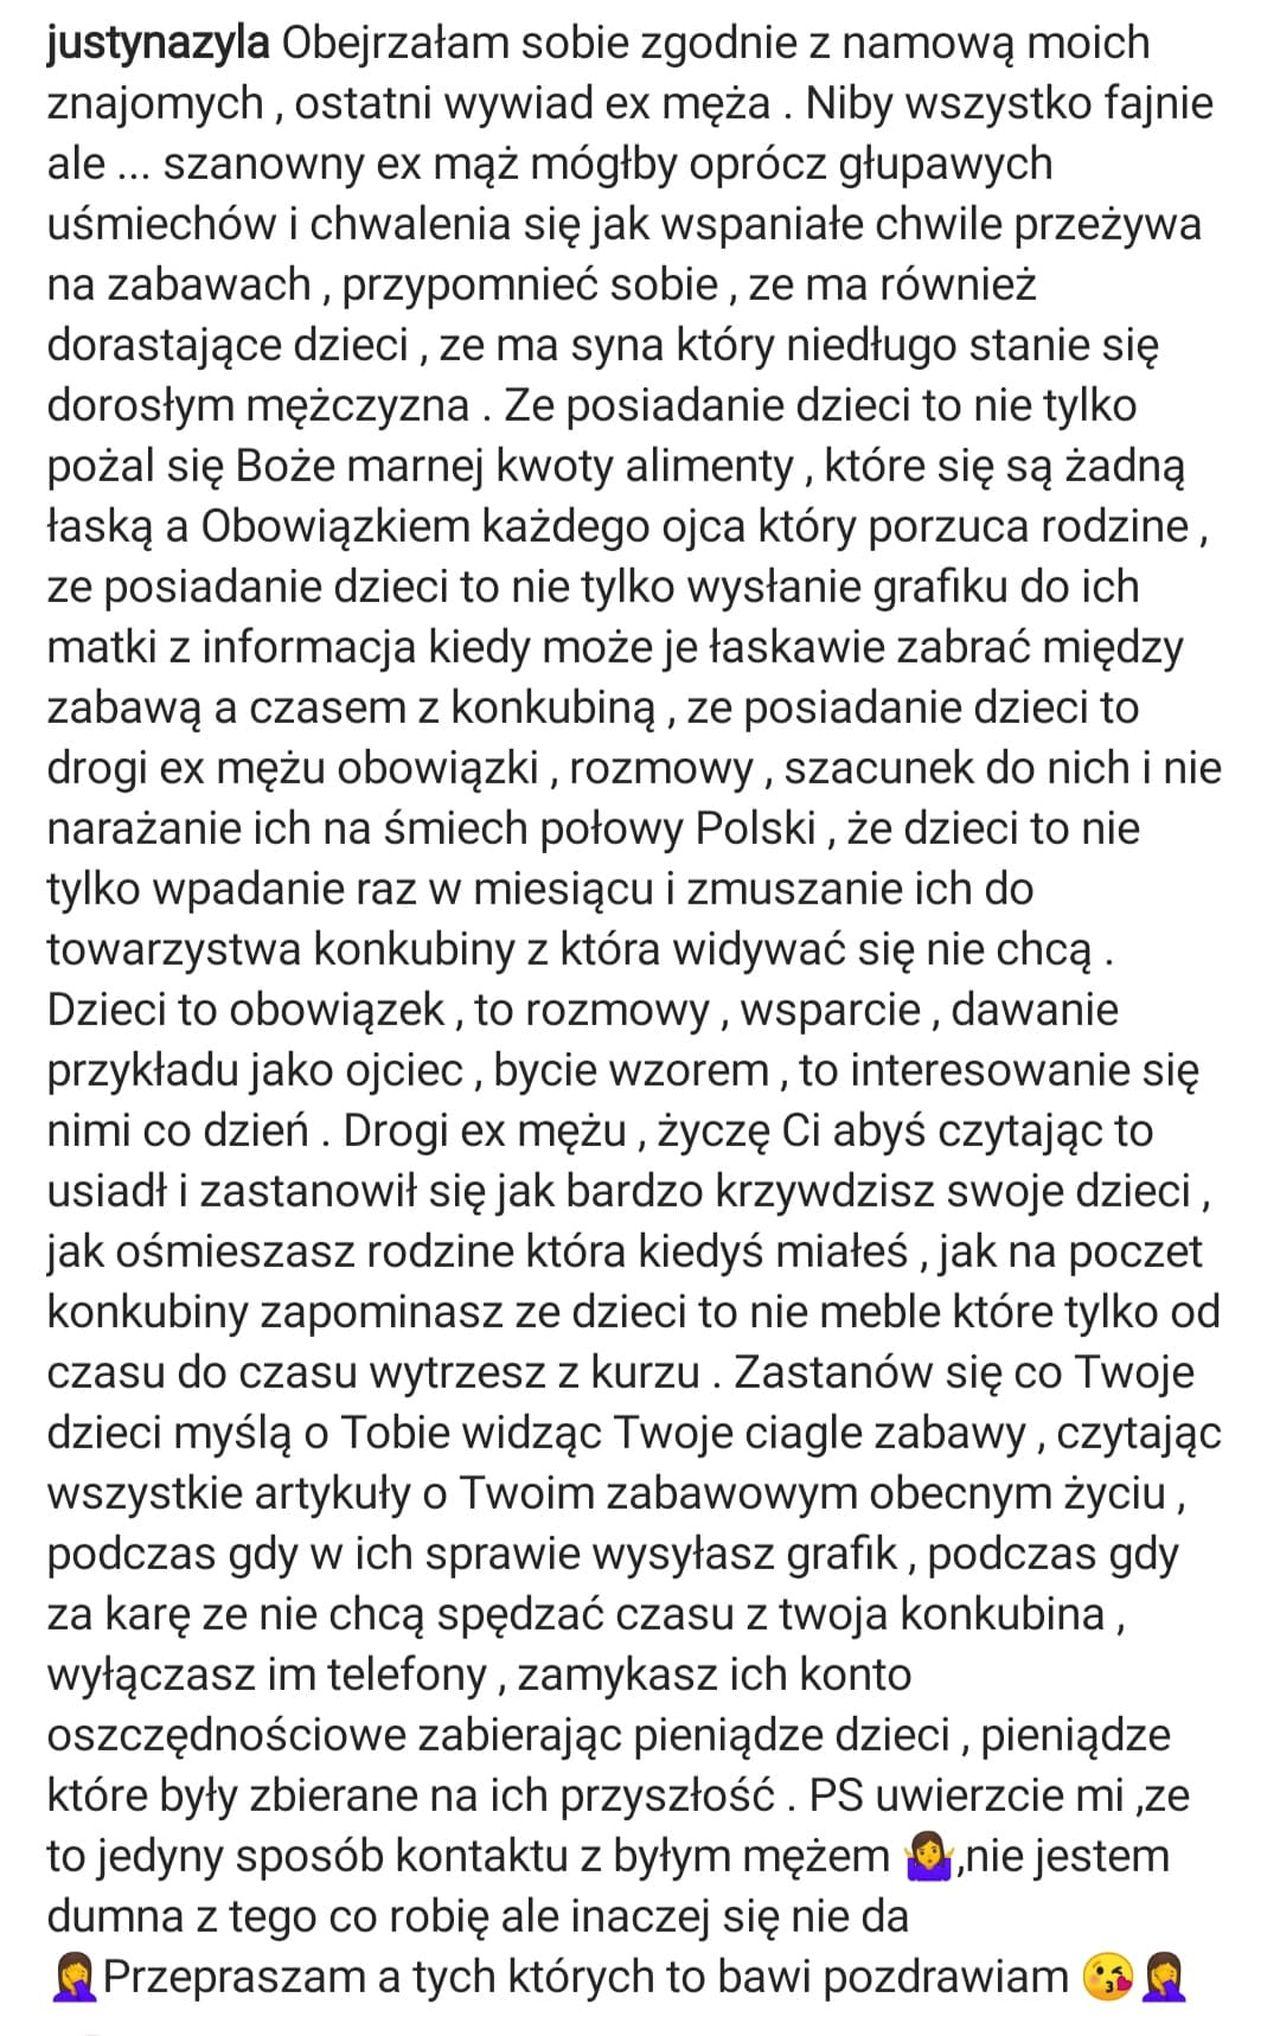 Justyna Żyła uderza w byłego męża